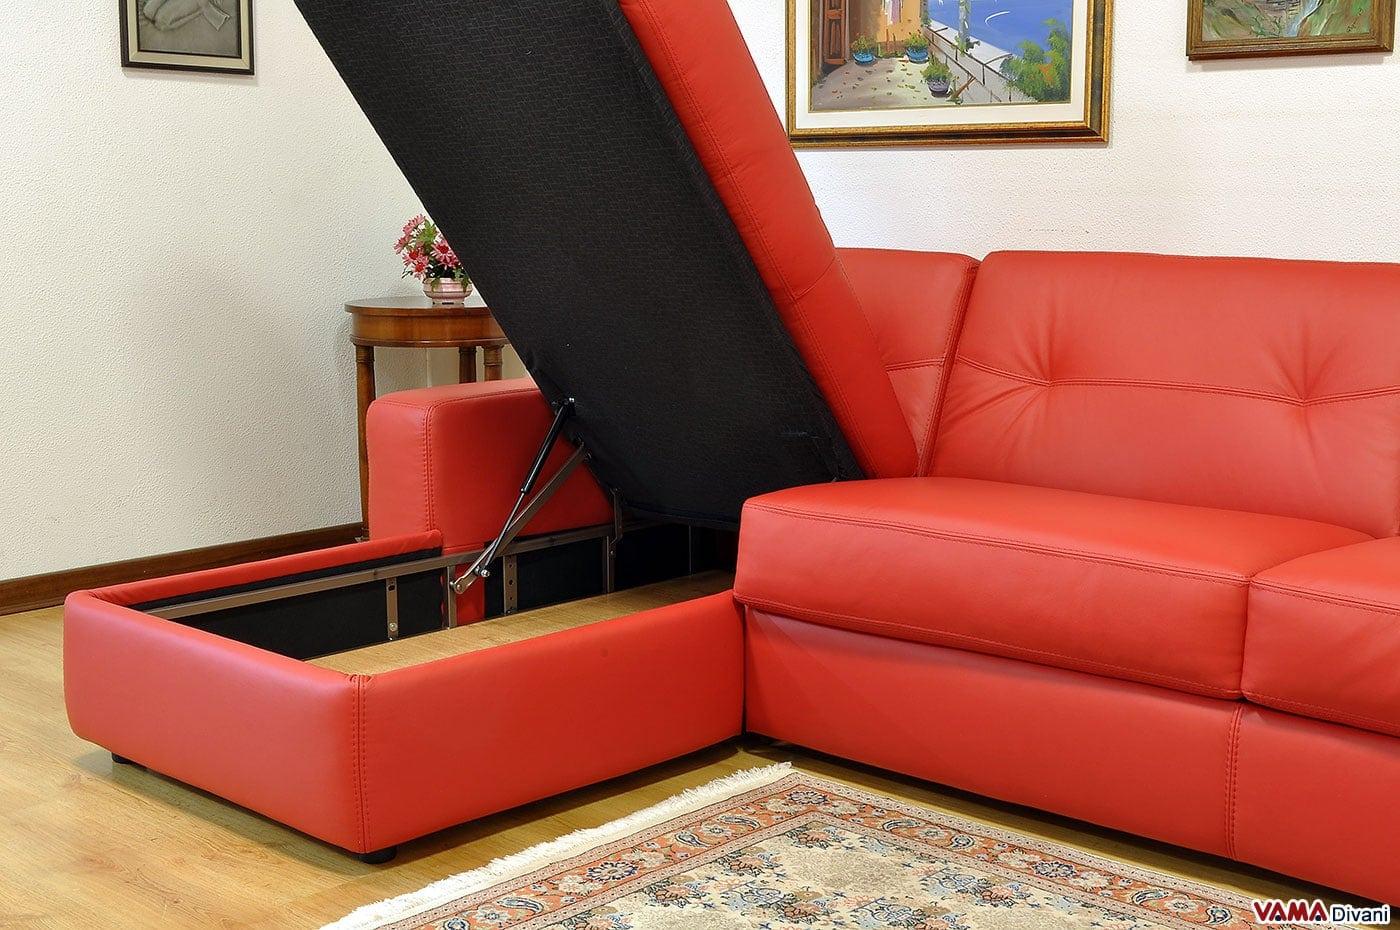 Divano Letto Angolare Arancione: Ikea divani letto (Foto /) Design ...